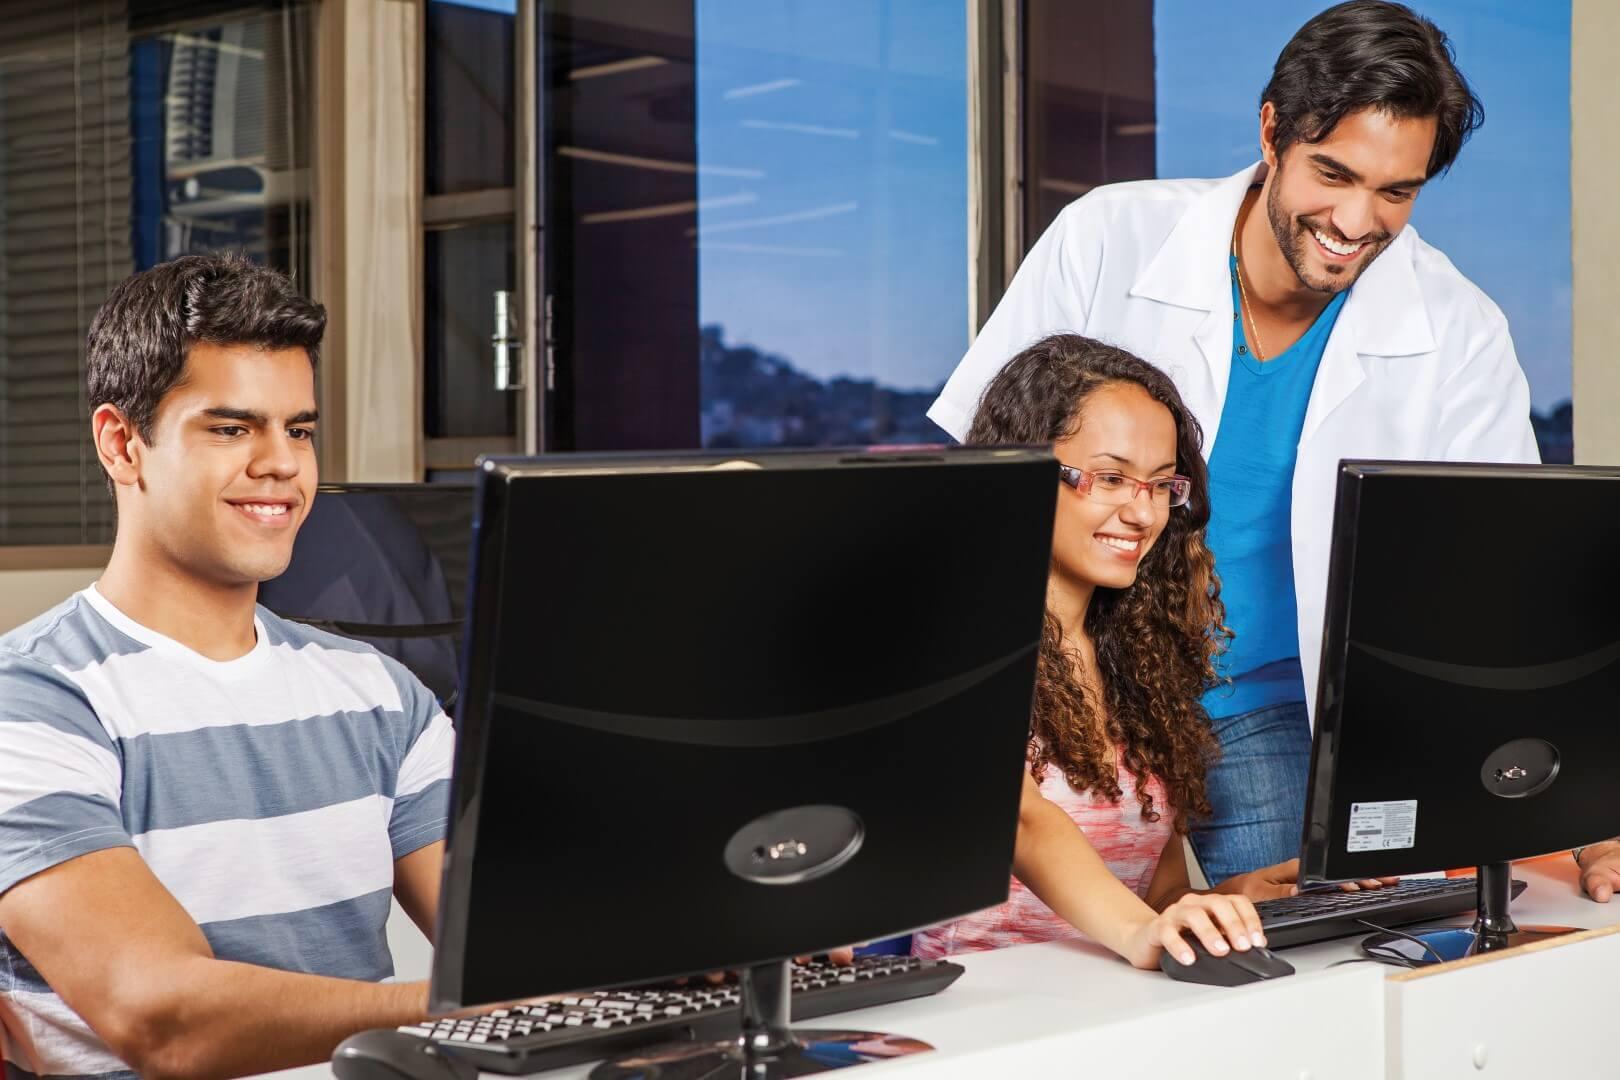 Curso técnico propicia 48% mais chances de entrada no mercado de trabalho (Divulgação)